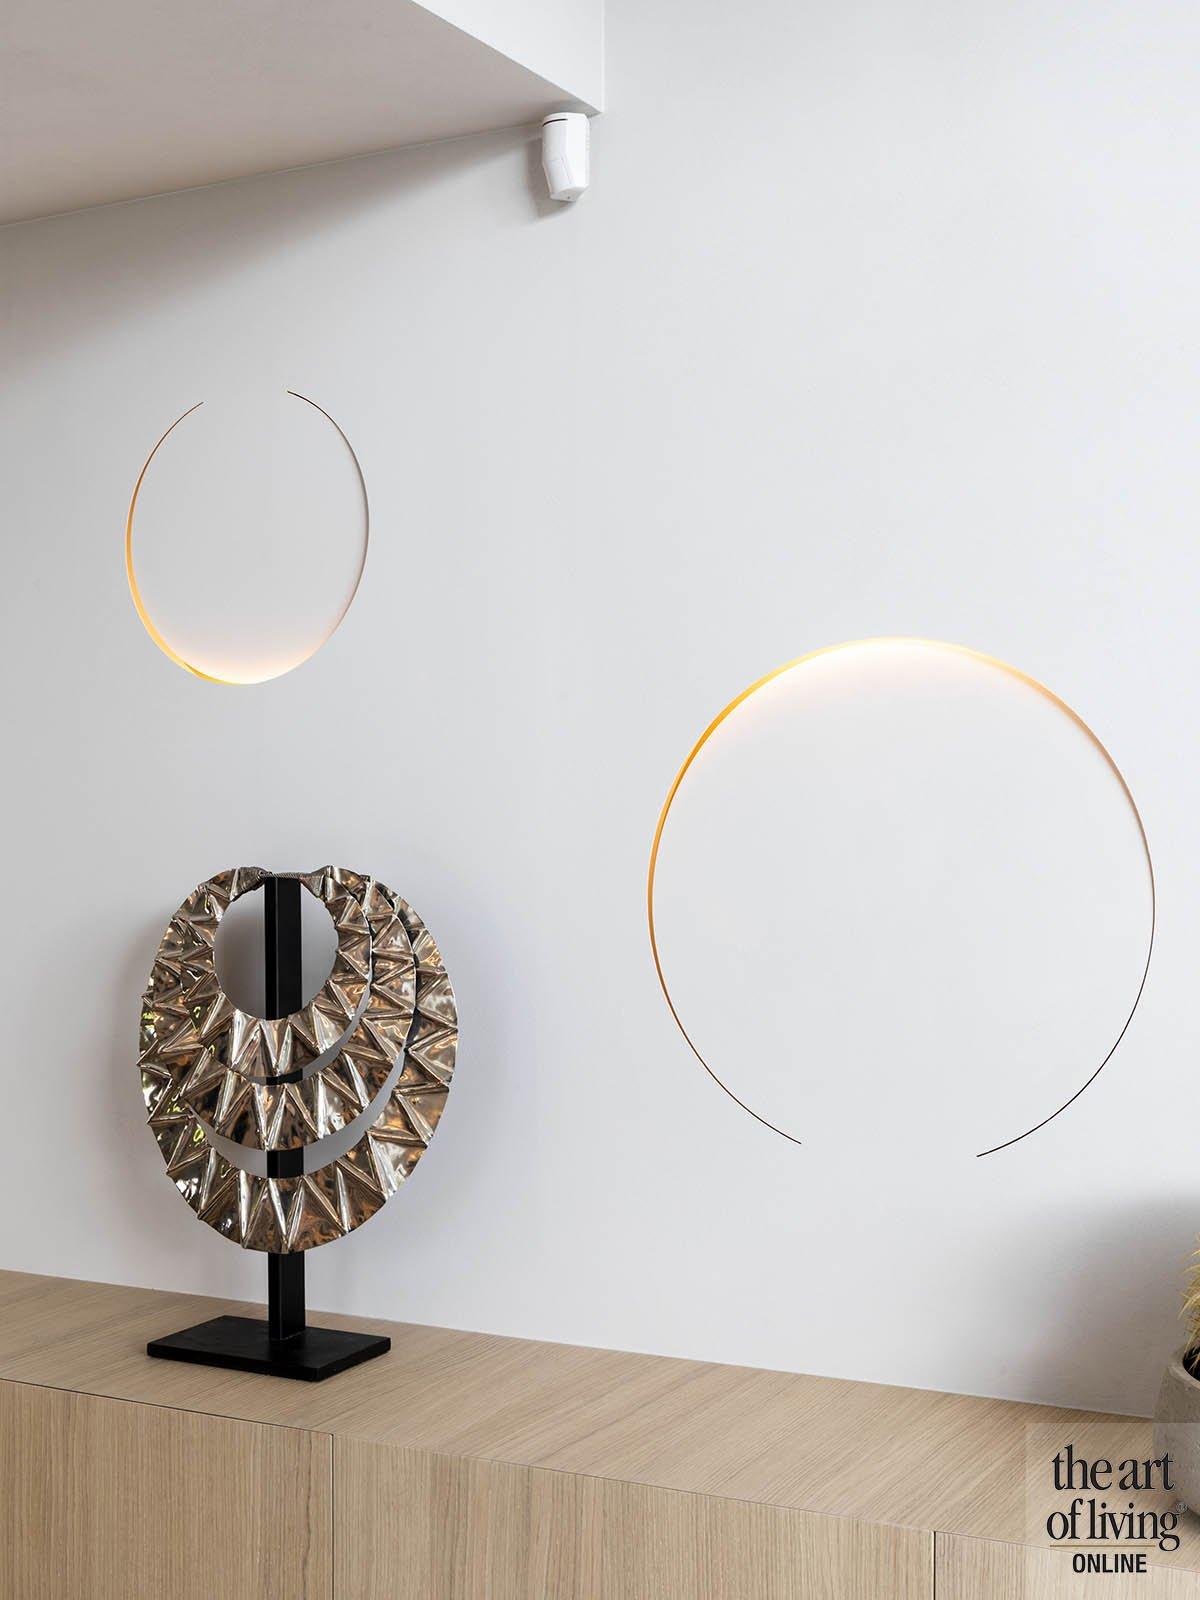 Rietendak   Claerhout van Biervliet, the art of living